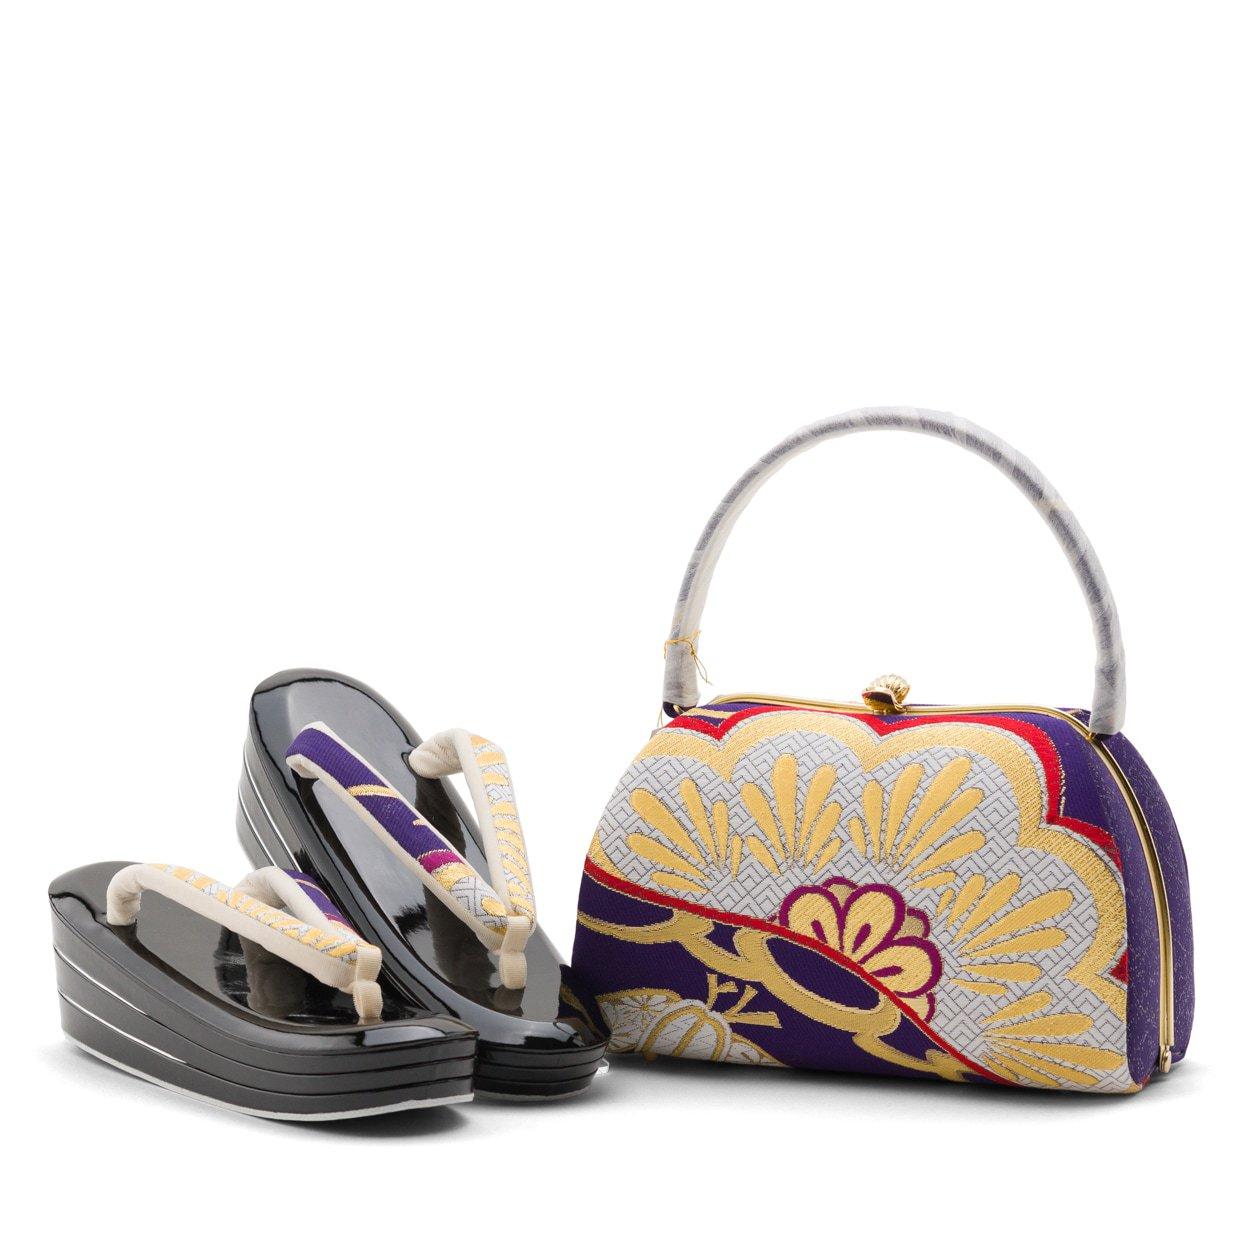 「アウトレット 西陣織 振袖用草履バッグセット 松」の商品画像